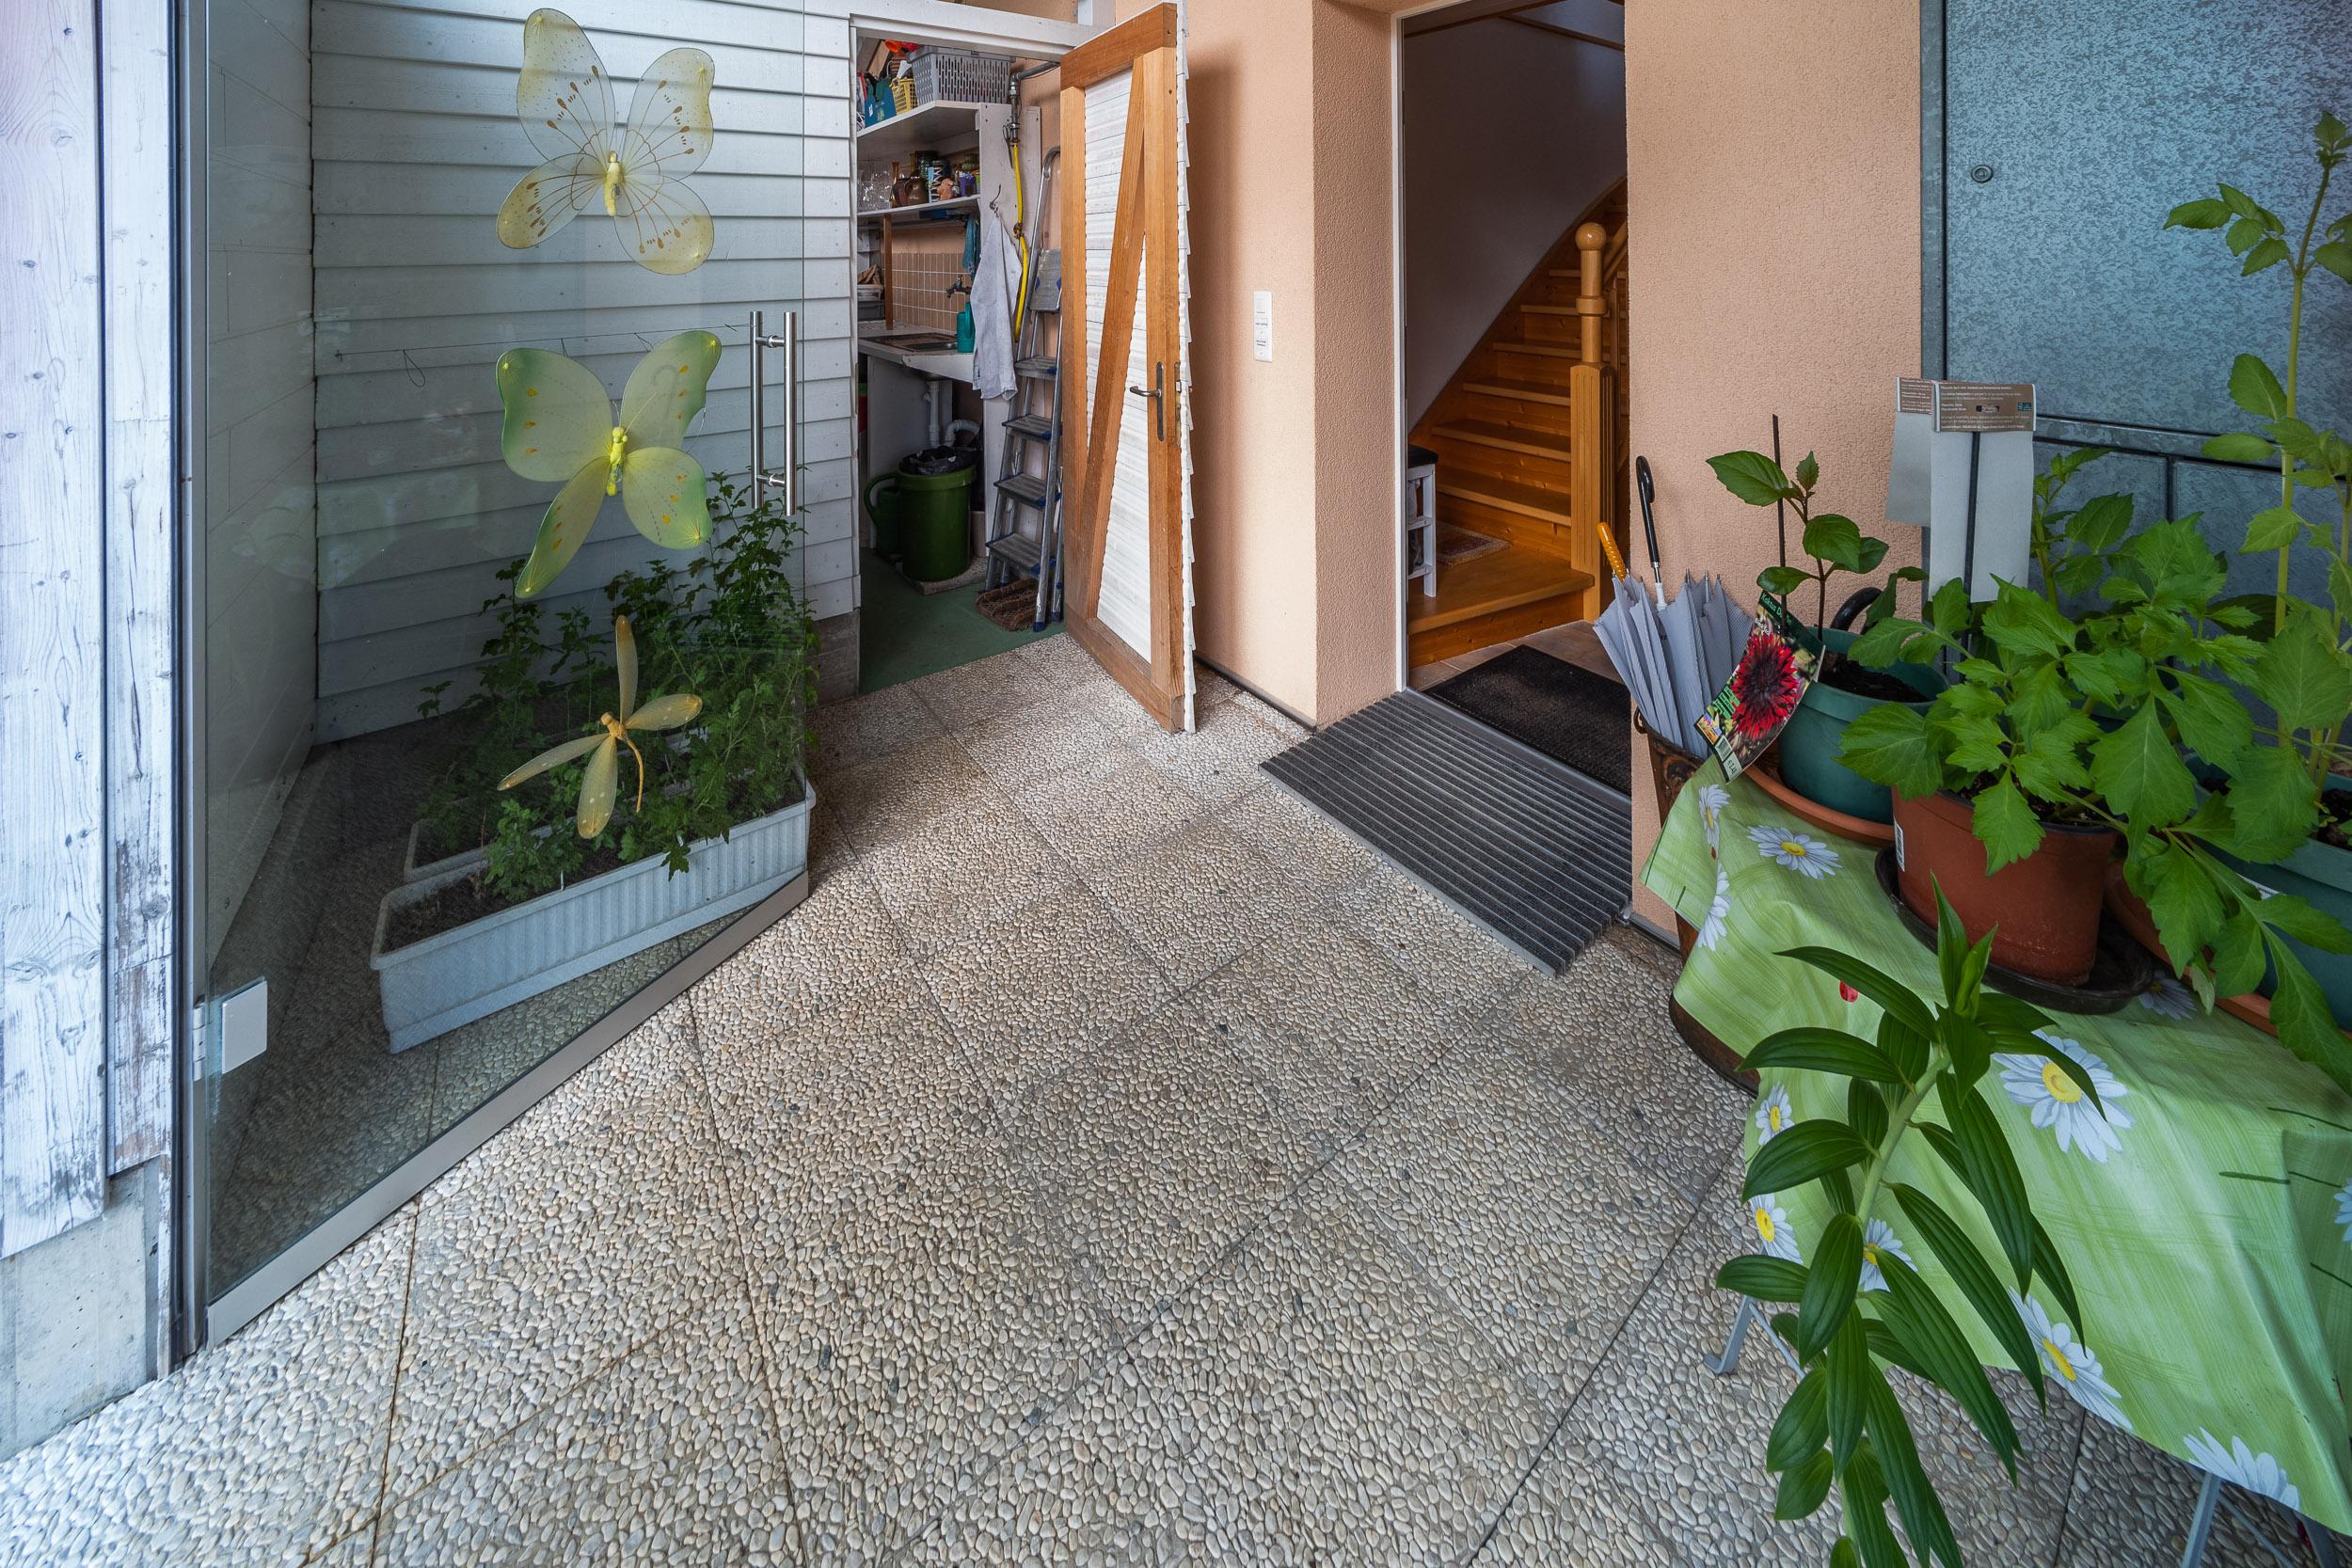 Der Windfang vor der Eingangstür schützt und bietet viel Ablagefläche für Pflanzen und anderes. Links neben der Eingangstür befindet sich ein Raum für Gartengeräte